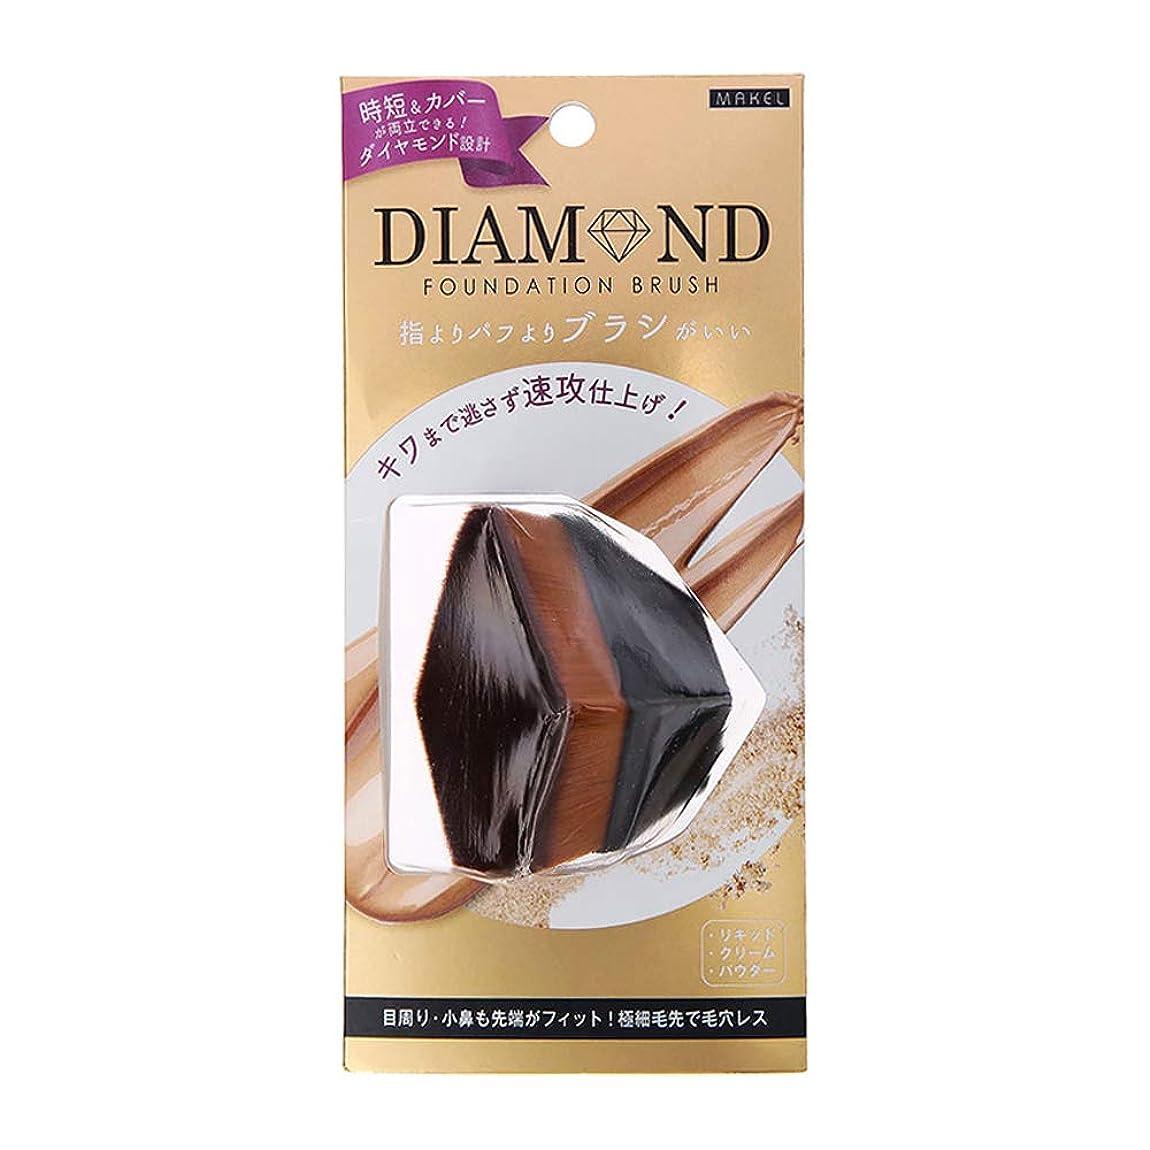 みなす品クレアダイヤモンドファンデーションブラシ(ブラック) DIB1500